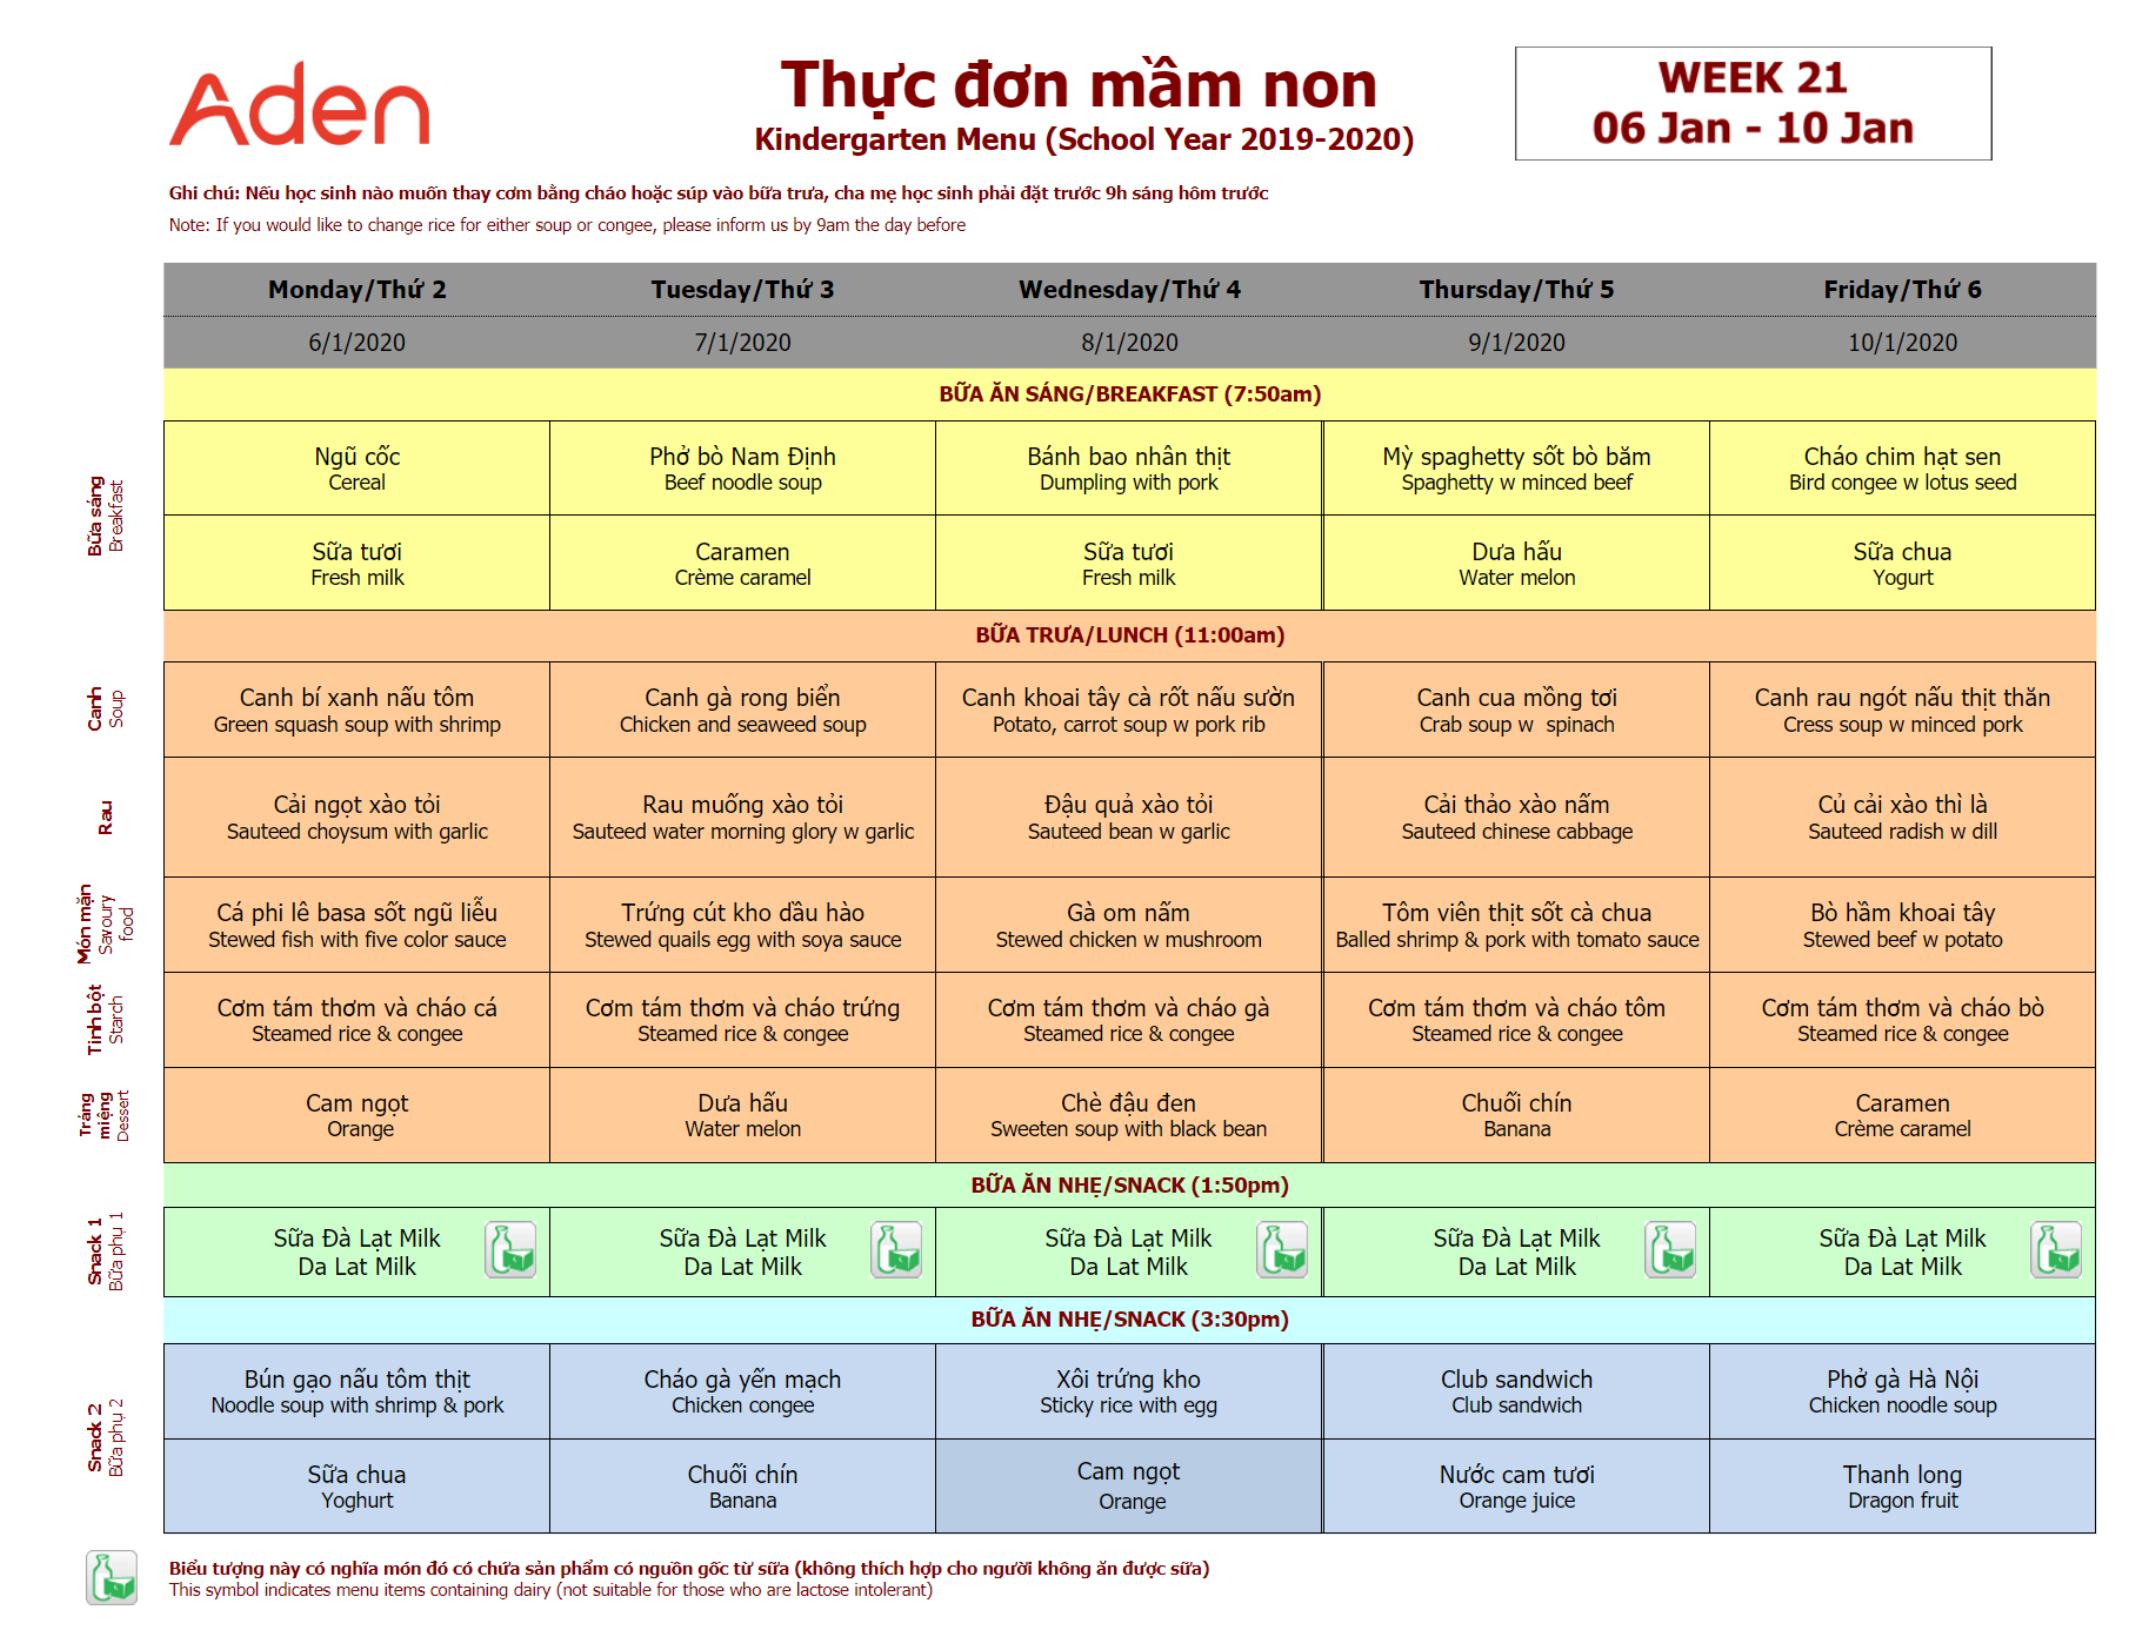 Thực đơn mầm non trường Hanoi Academy Thực đơn tuần 21 (06/01 – 10/01)